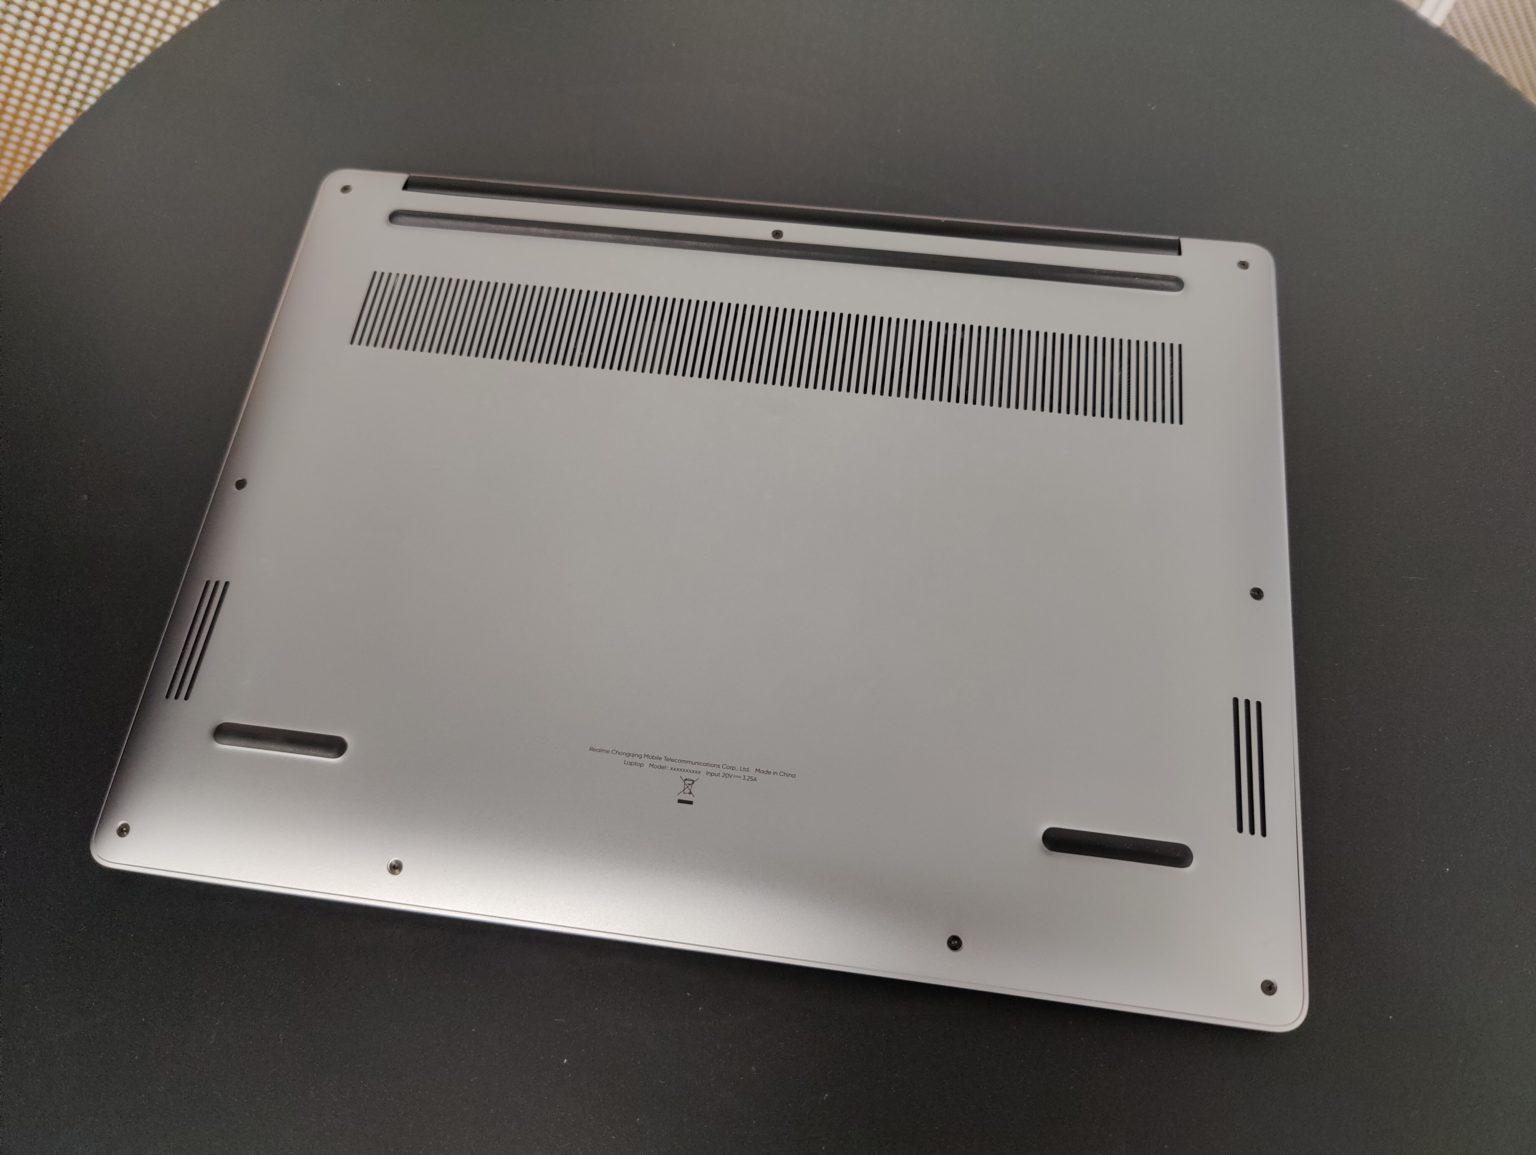 Hình ảnh rò rỉ về chiếc máy tính xách tay đầu tiên của BBK Electronics, được gọi là Realme Book